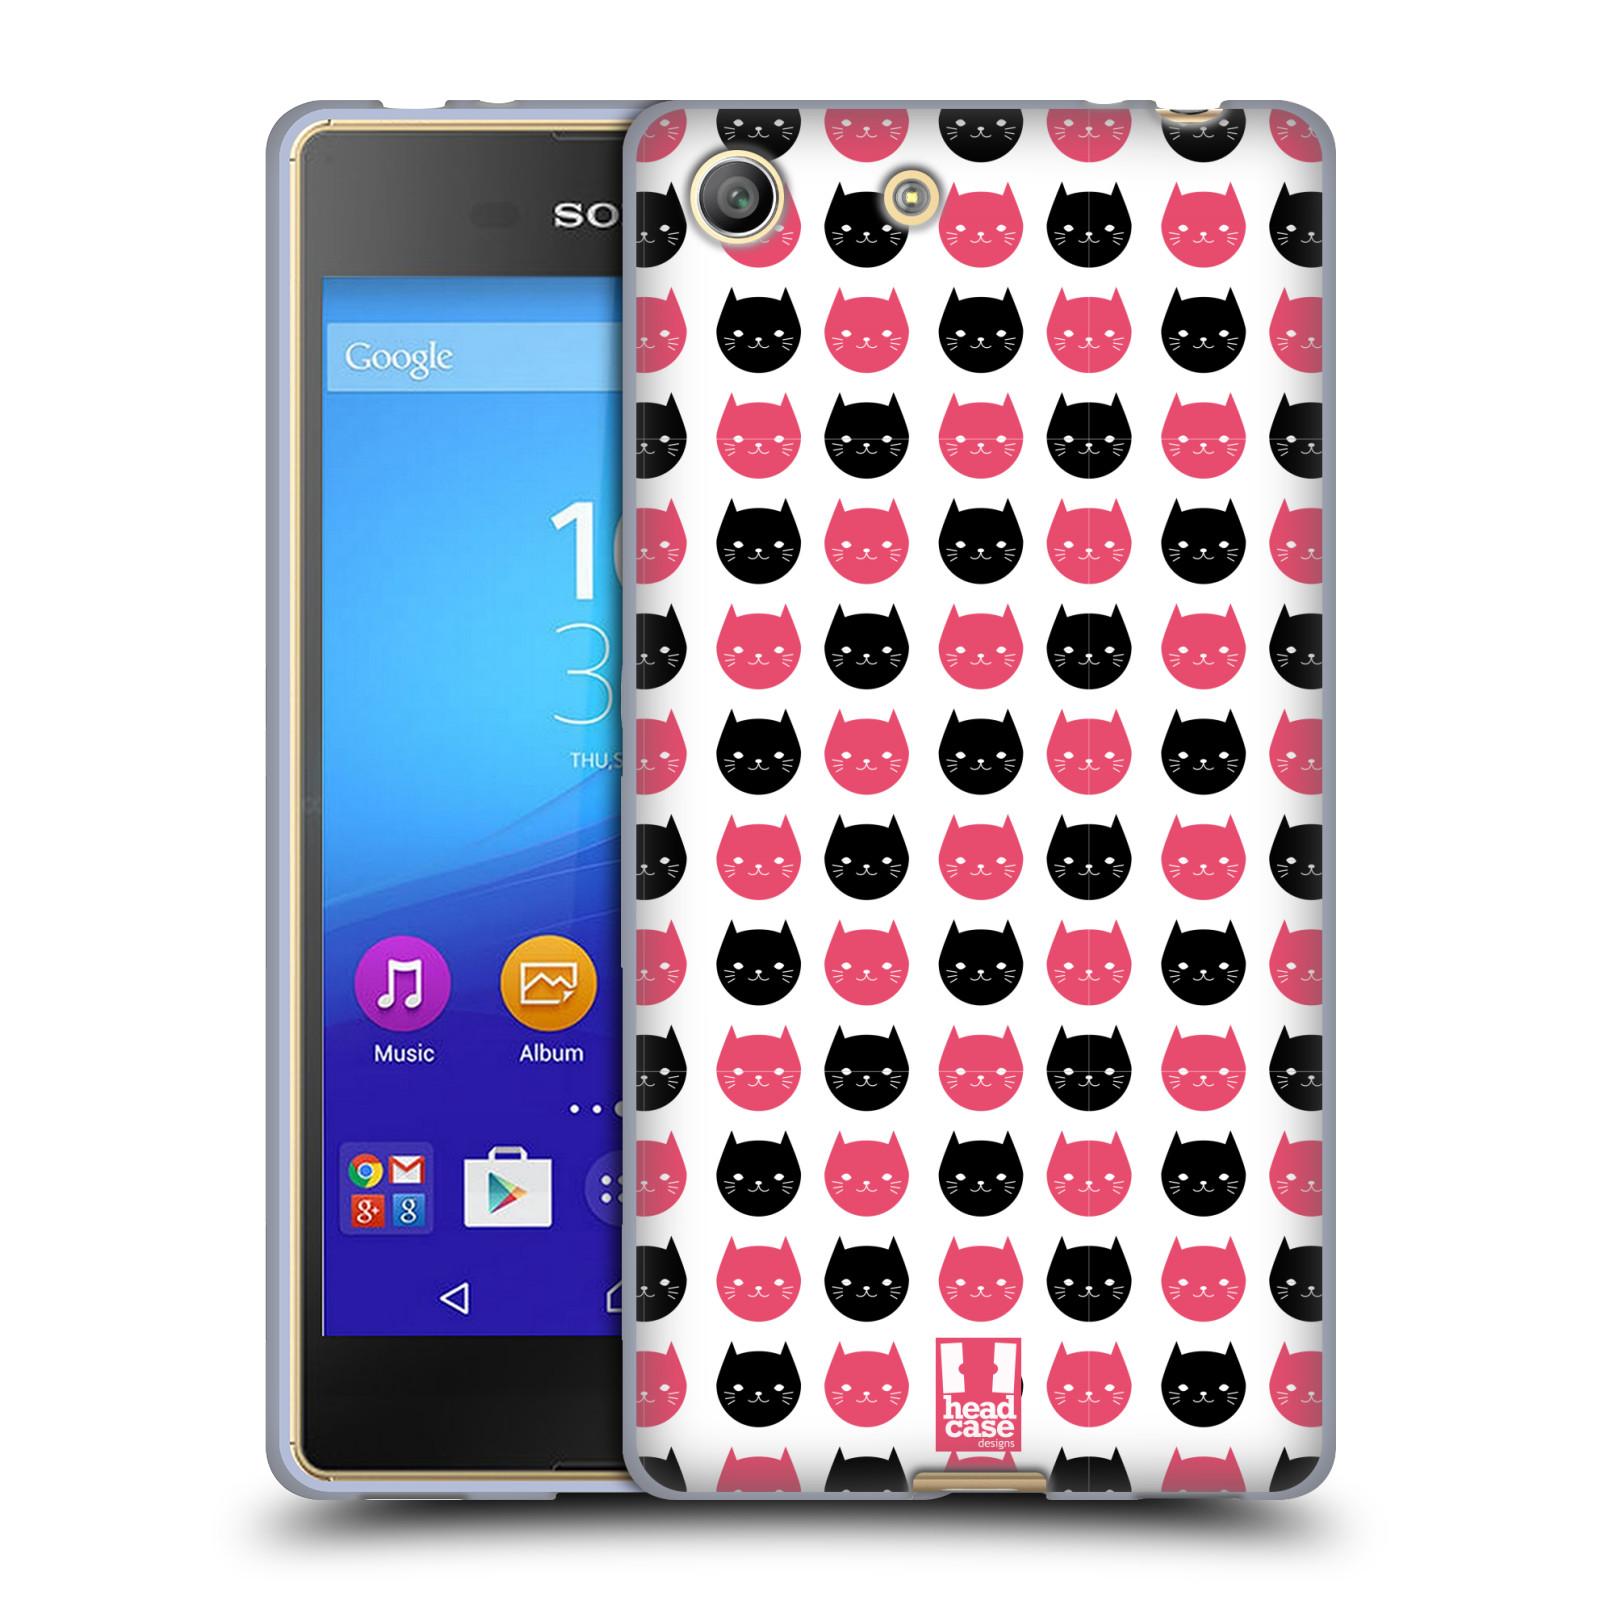 Silikonové pouzdro na mobil Sony Xperia M5 HEAD CASE KOČKY Black and Pink (Silikonový kryt či obal na mobilní telefon Sony Xperia M5 Dual SIM / Aqua)